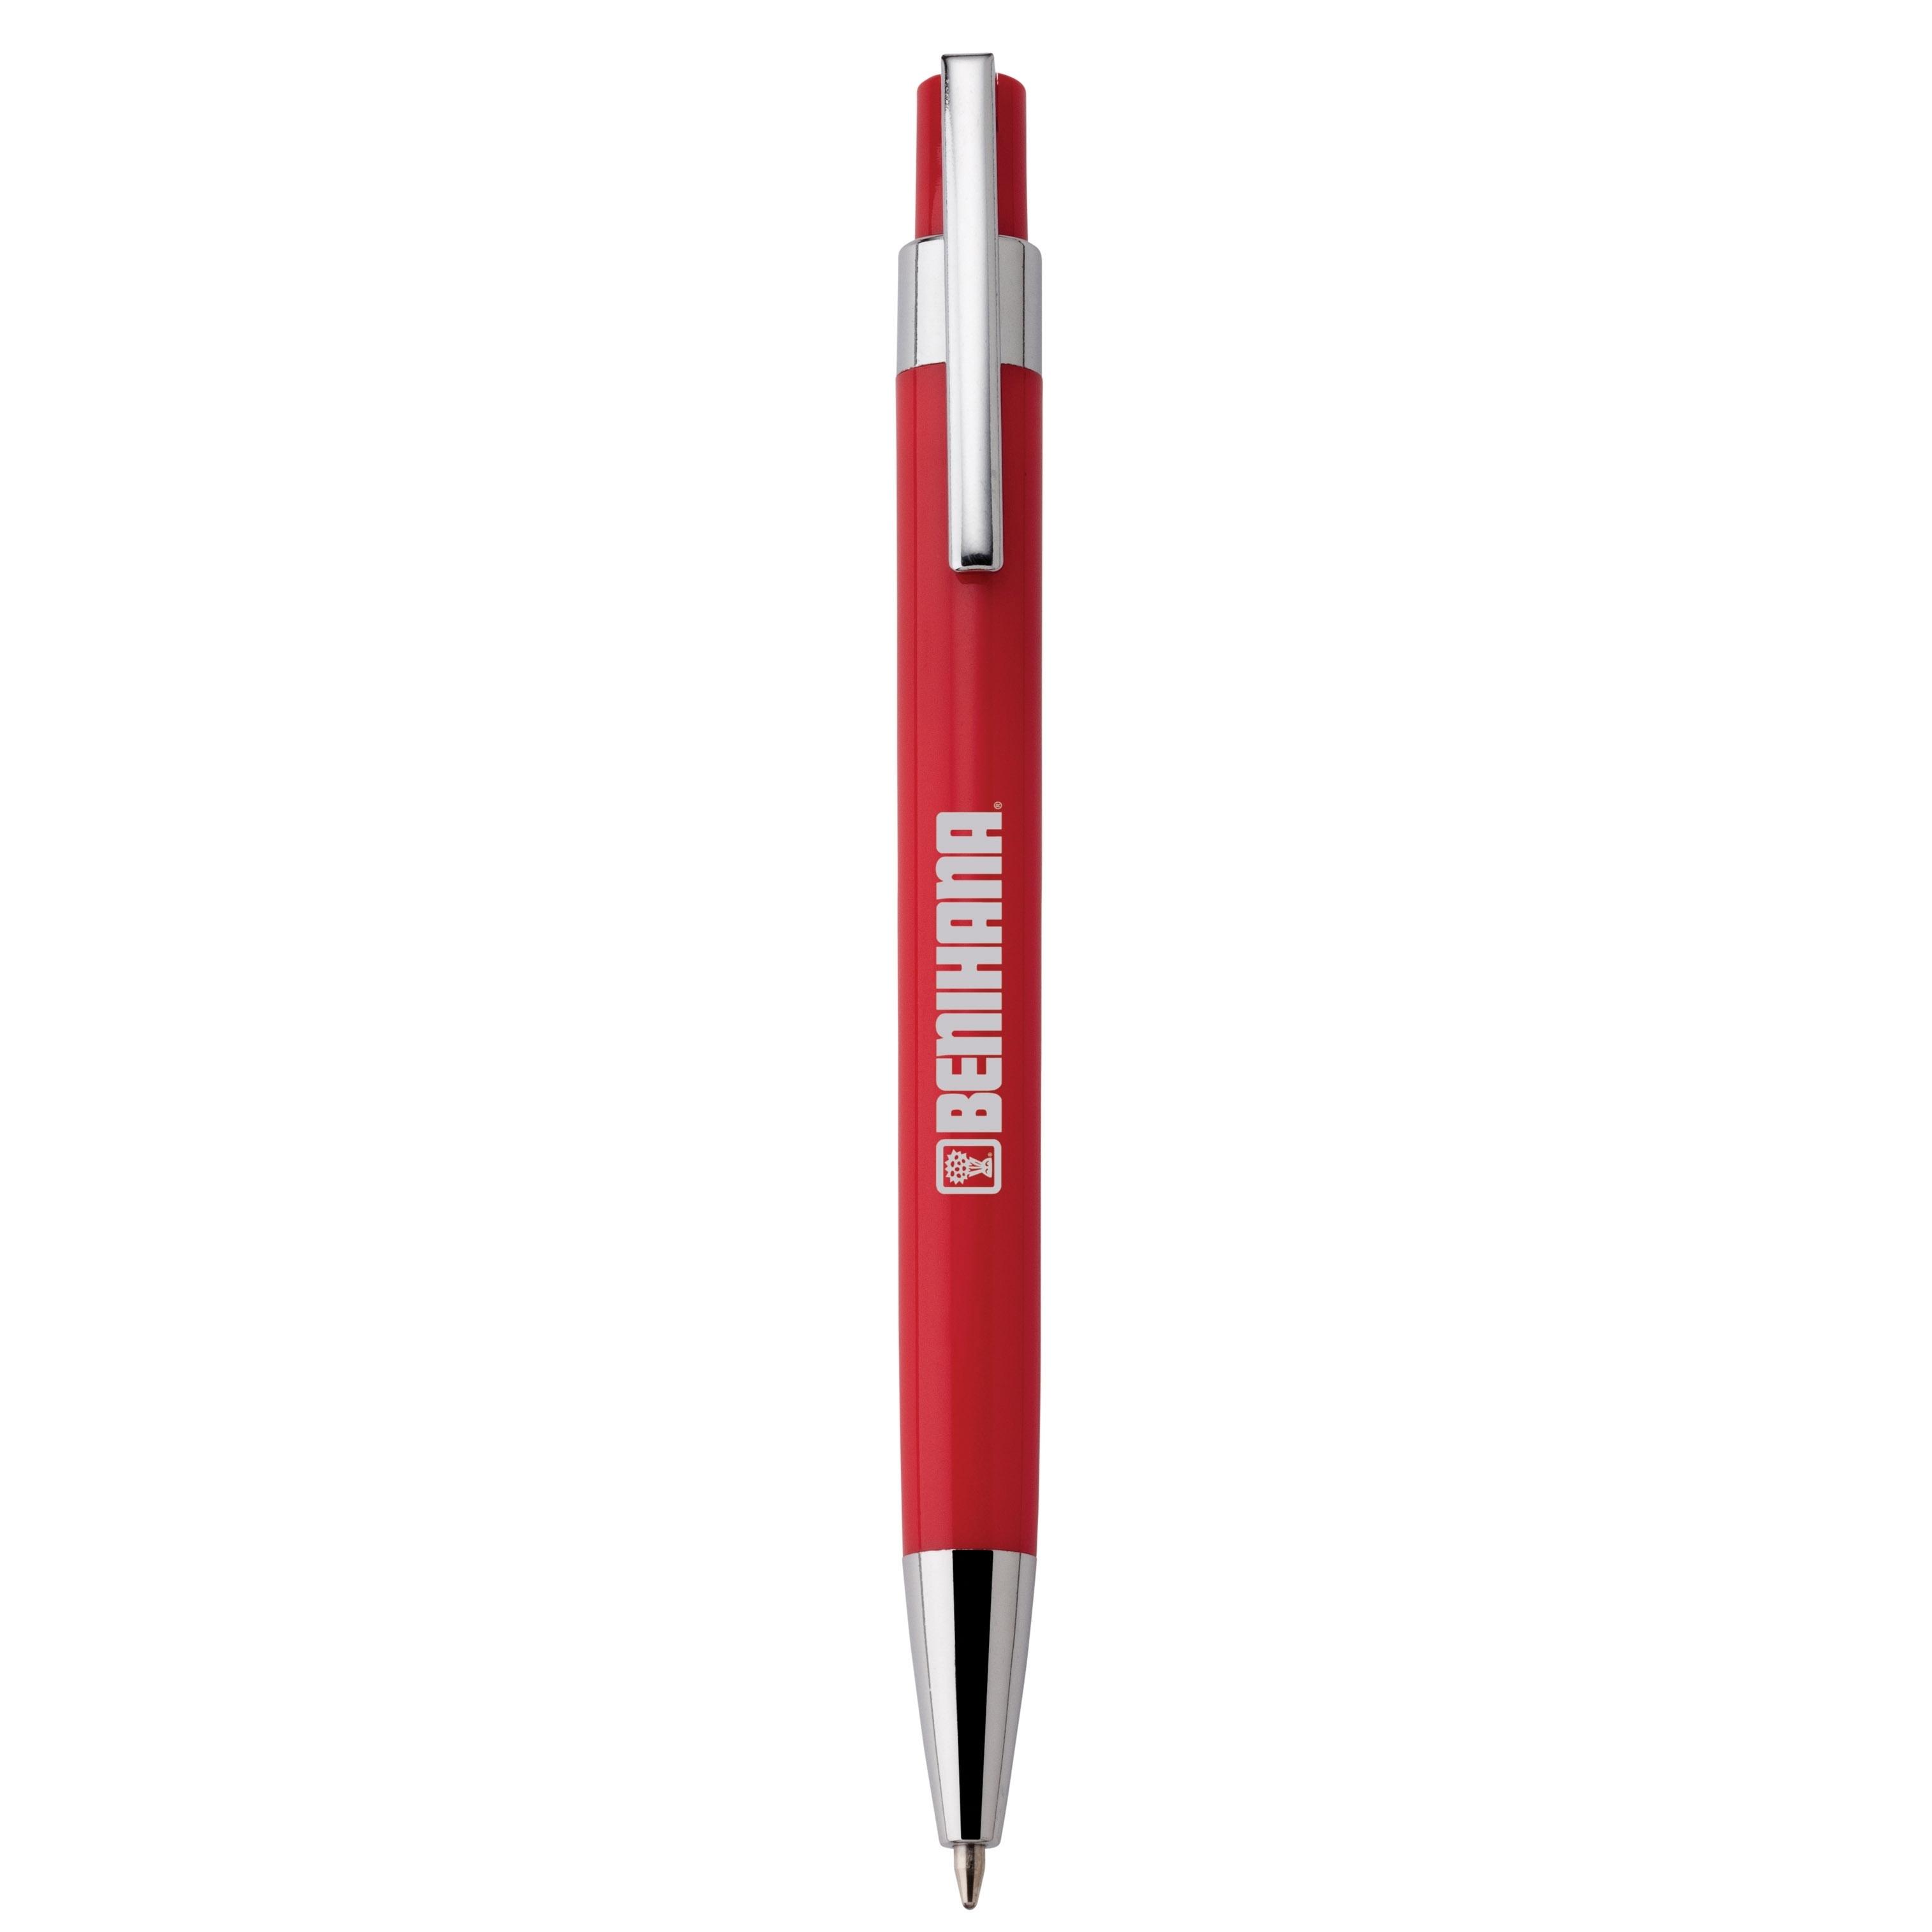 Photon Glossy Ballpoint Pen